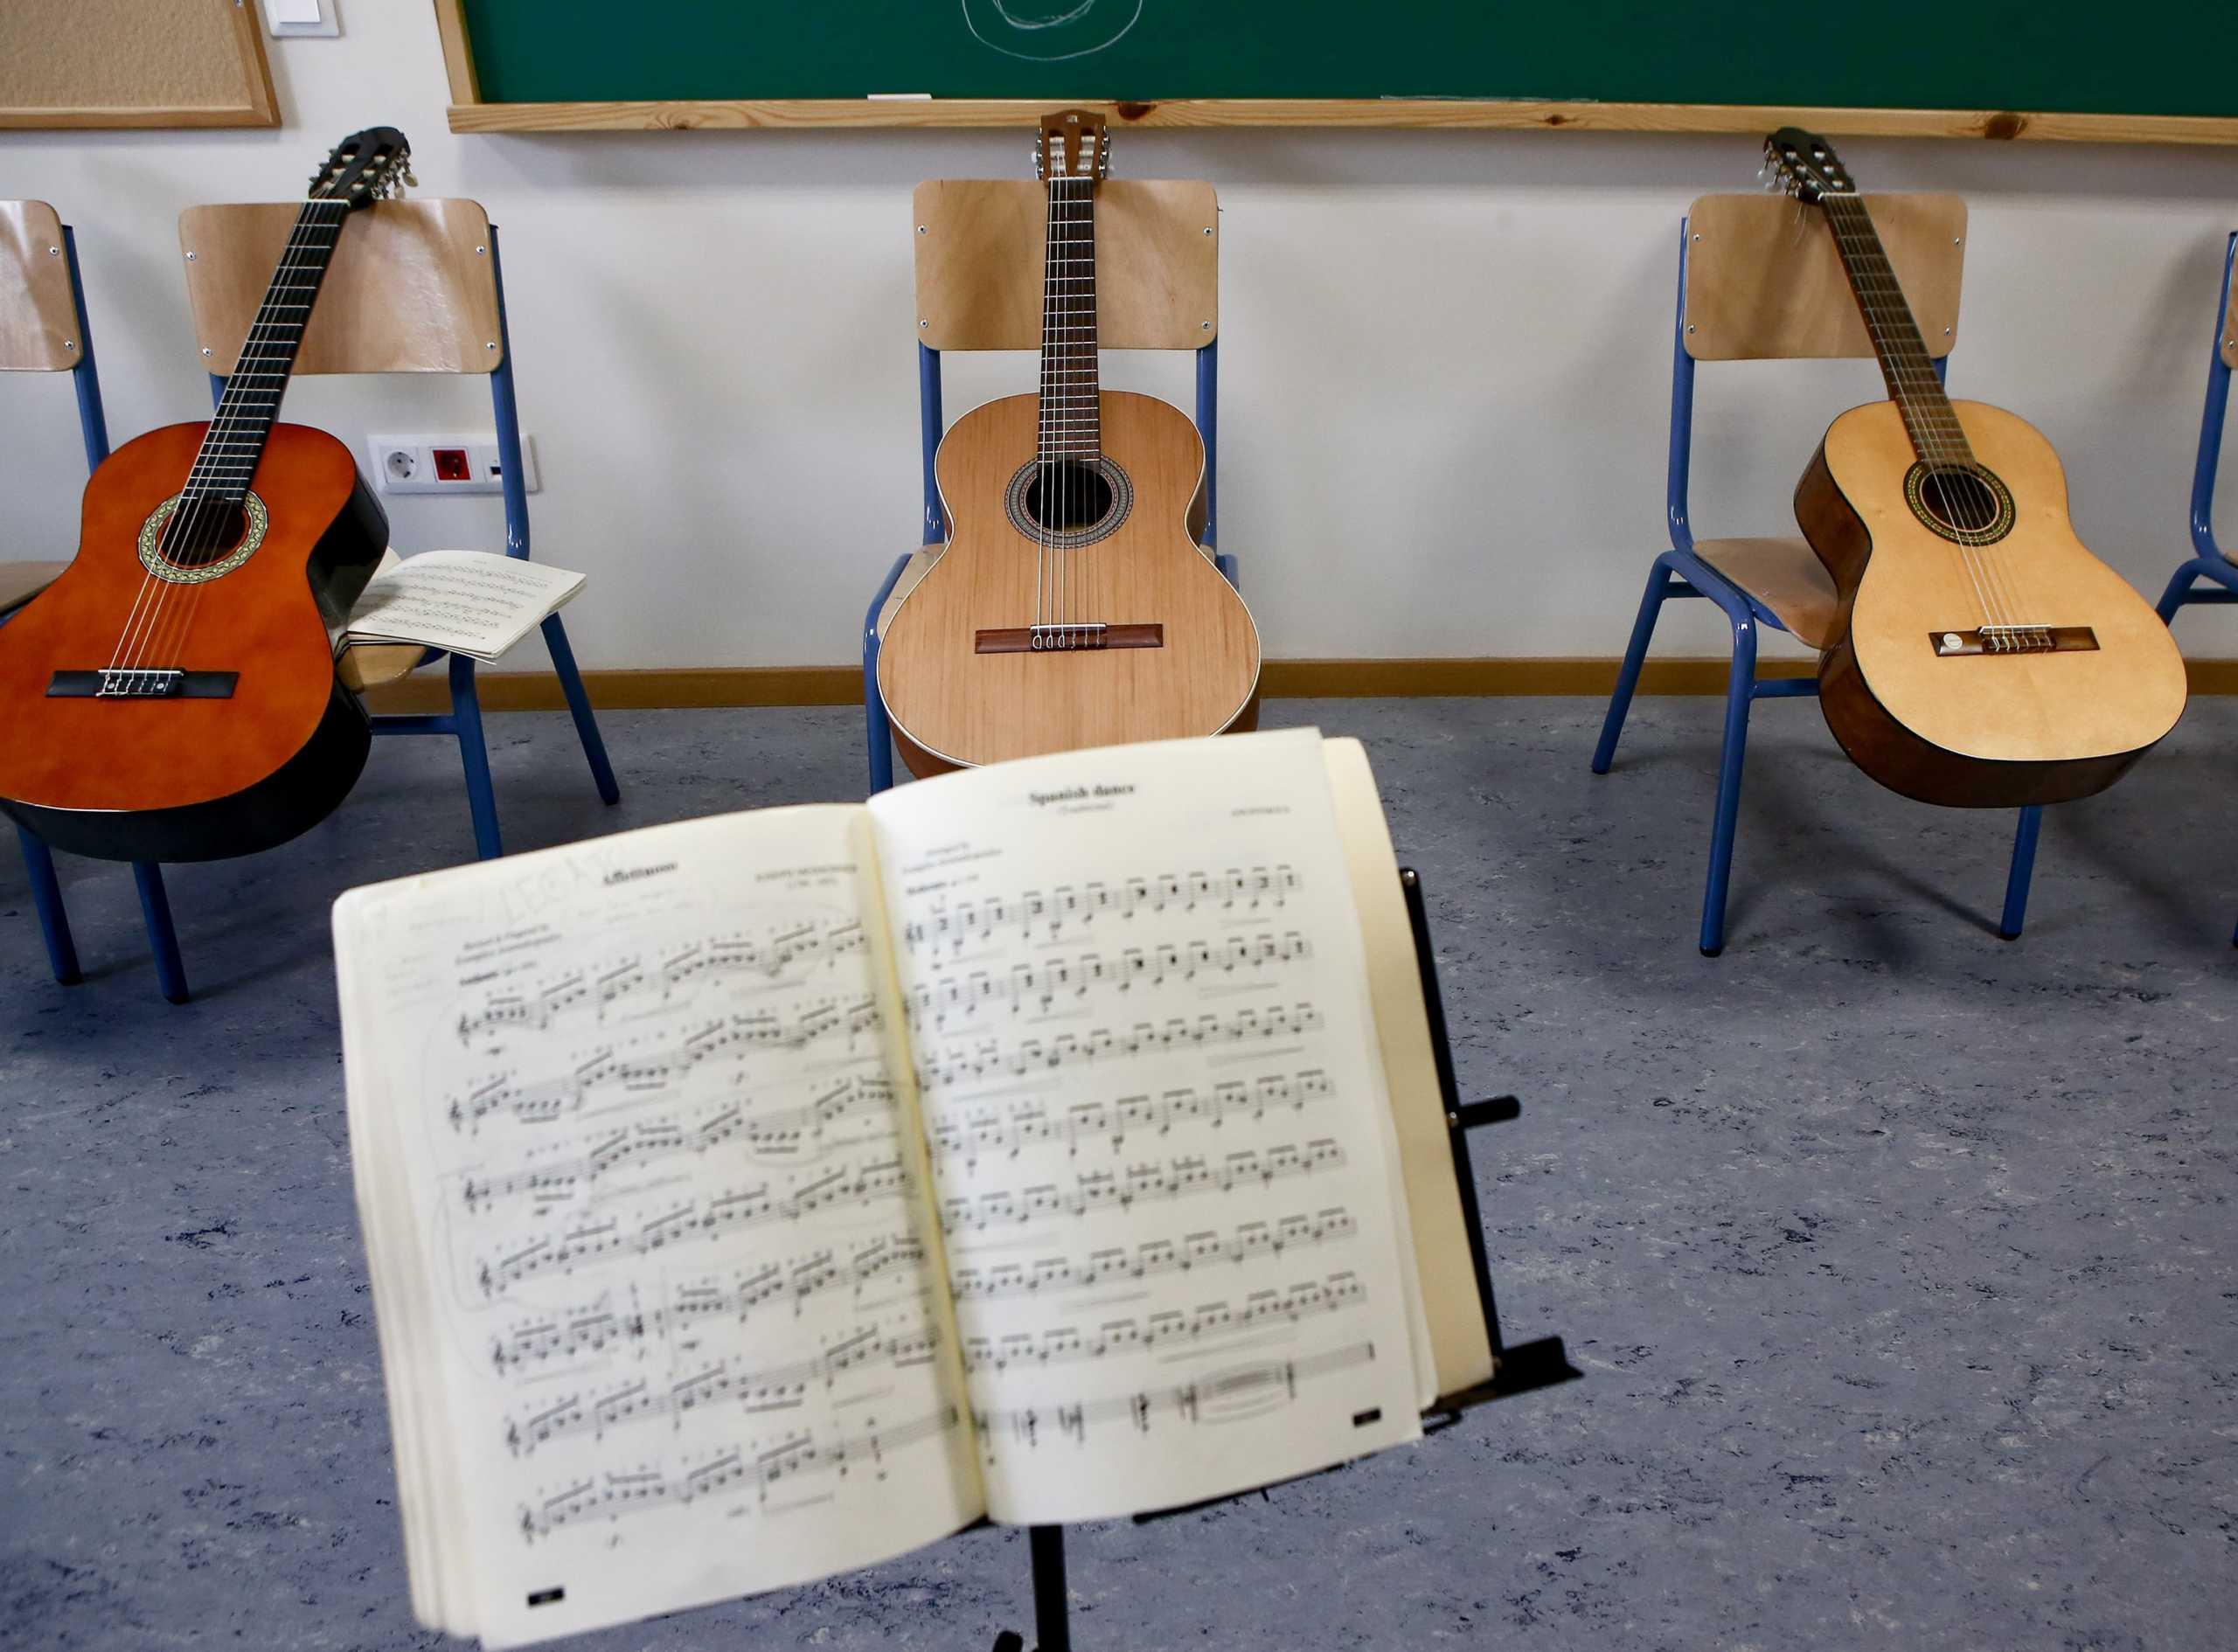 Χειρόγραφοι στίχοι ενός διάσημου τραγουδιού θα πουληθούν 1,5 εκατομμύριο ευρώ